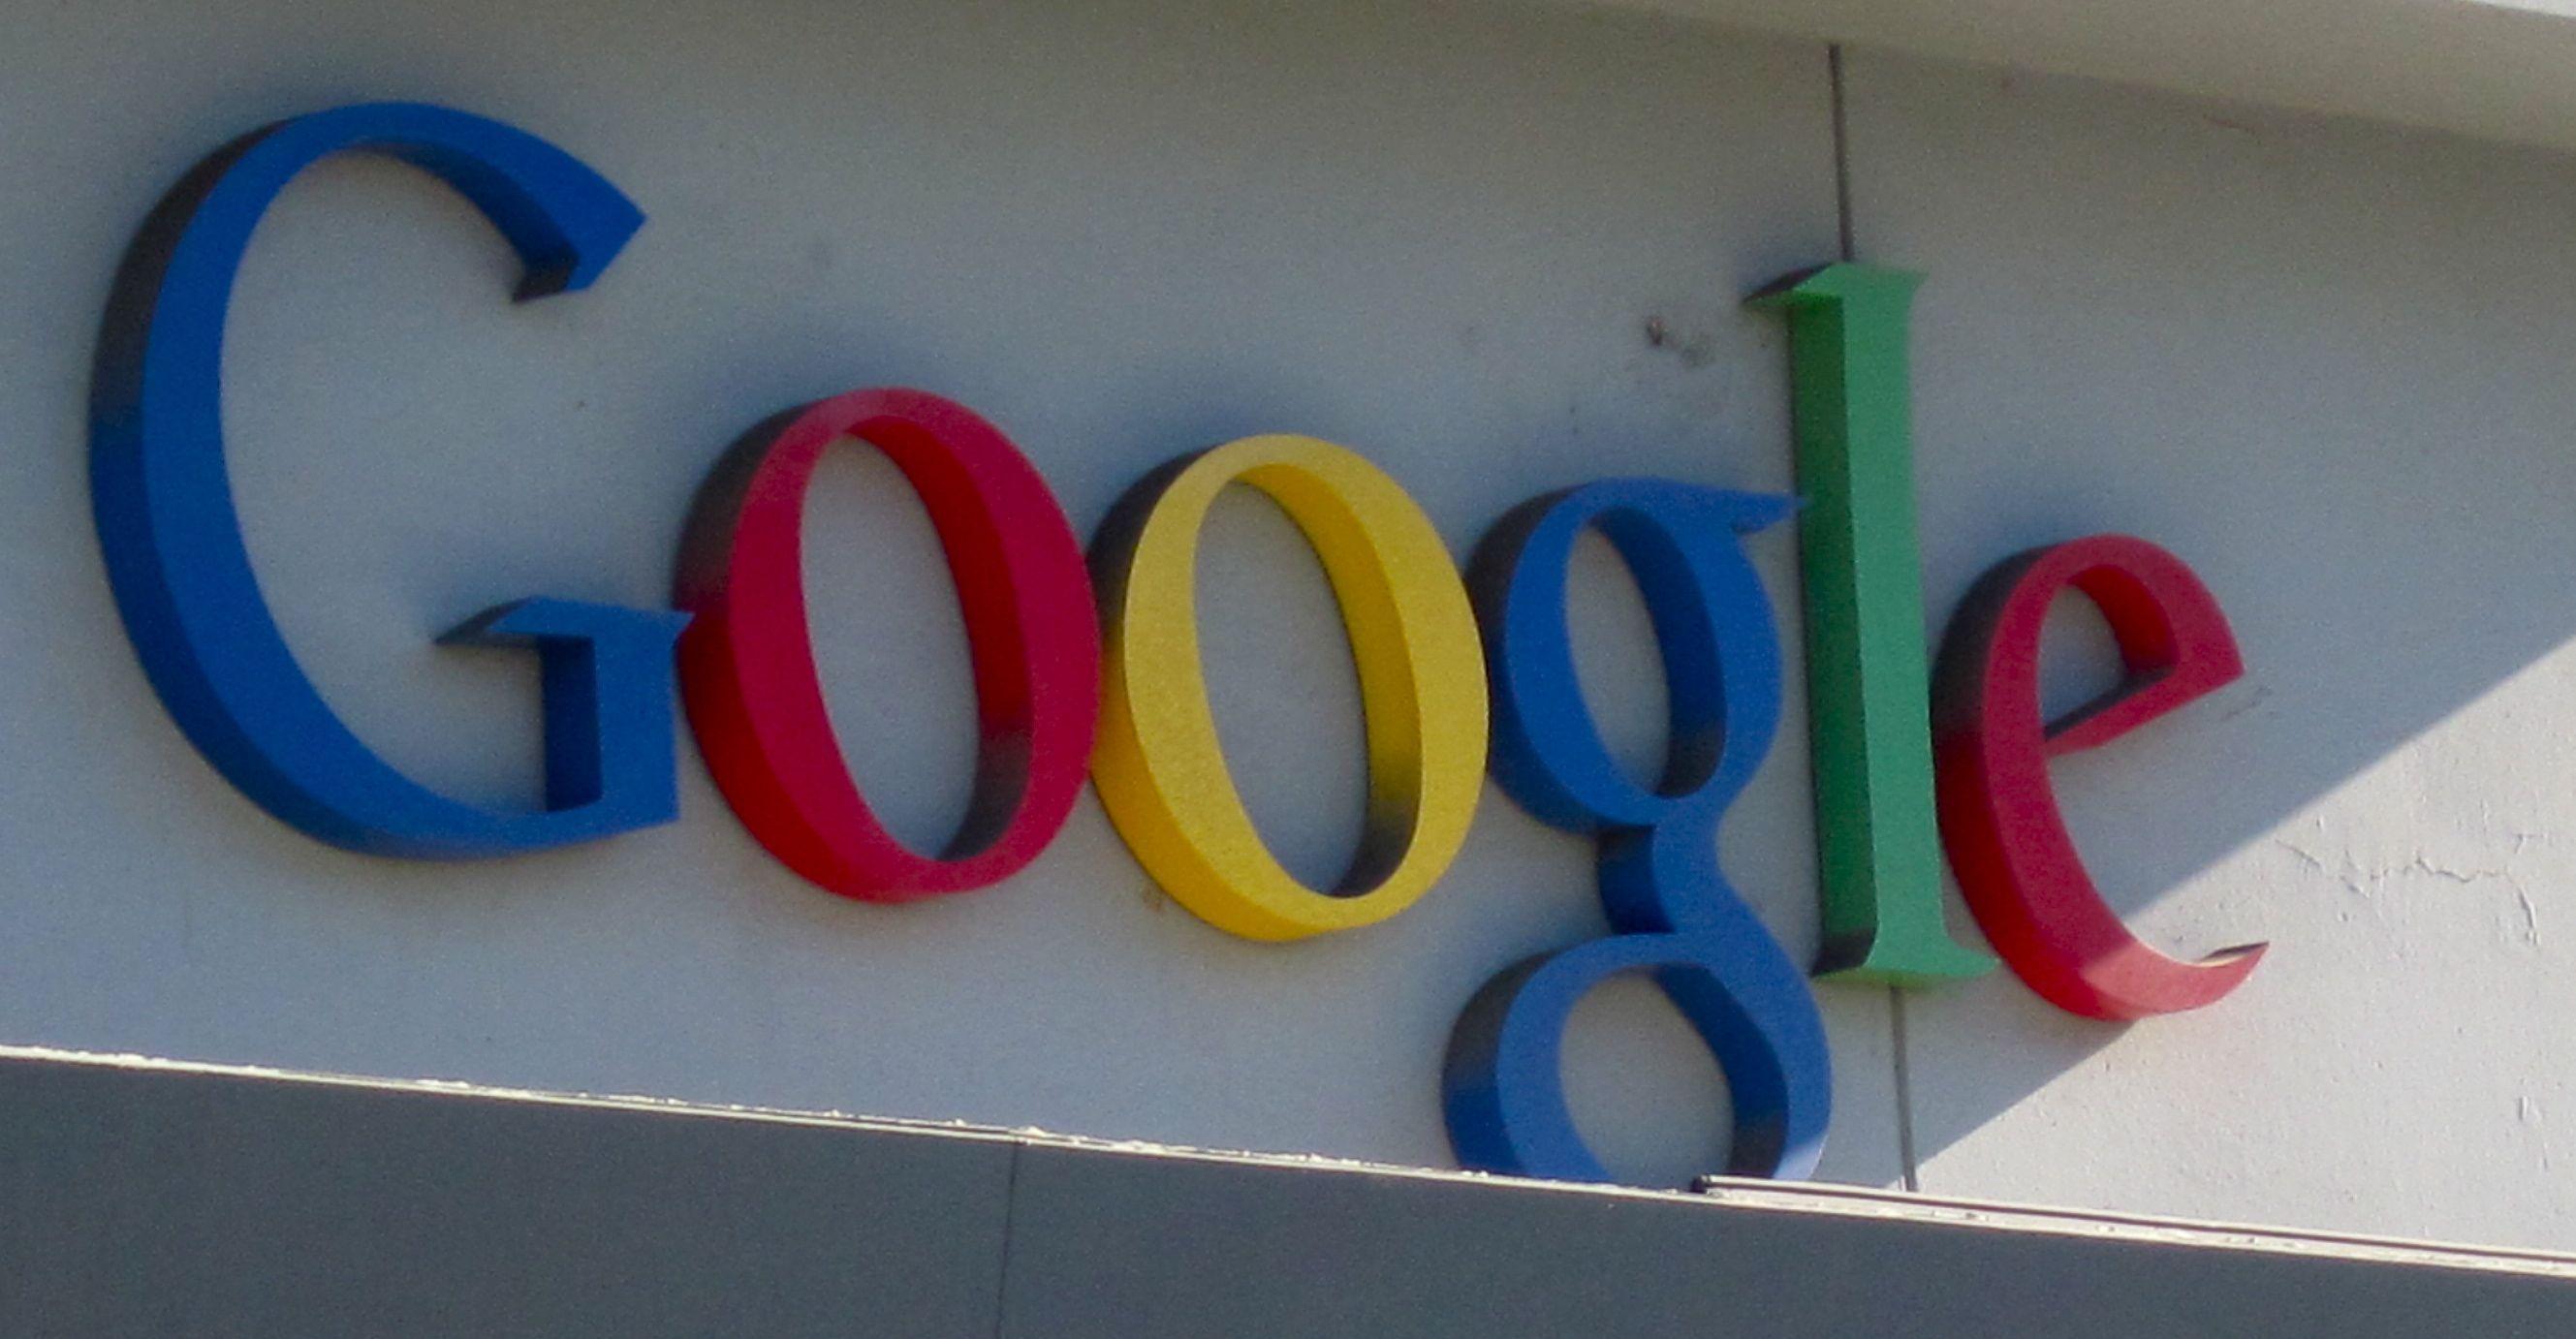 印度零售市場快速發展》Google要與阿里巴巴合作,打通線下銷售渠道